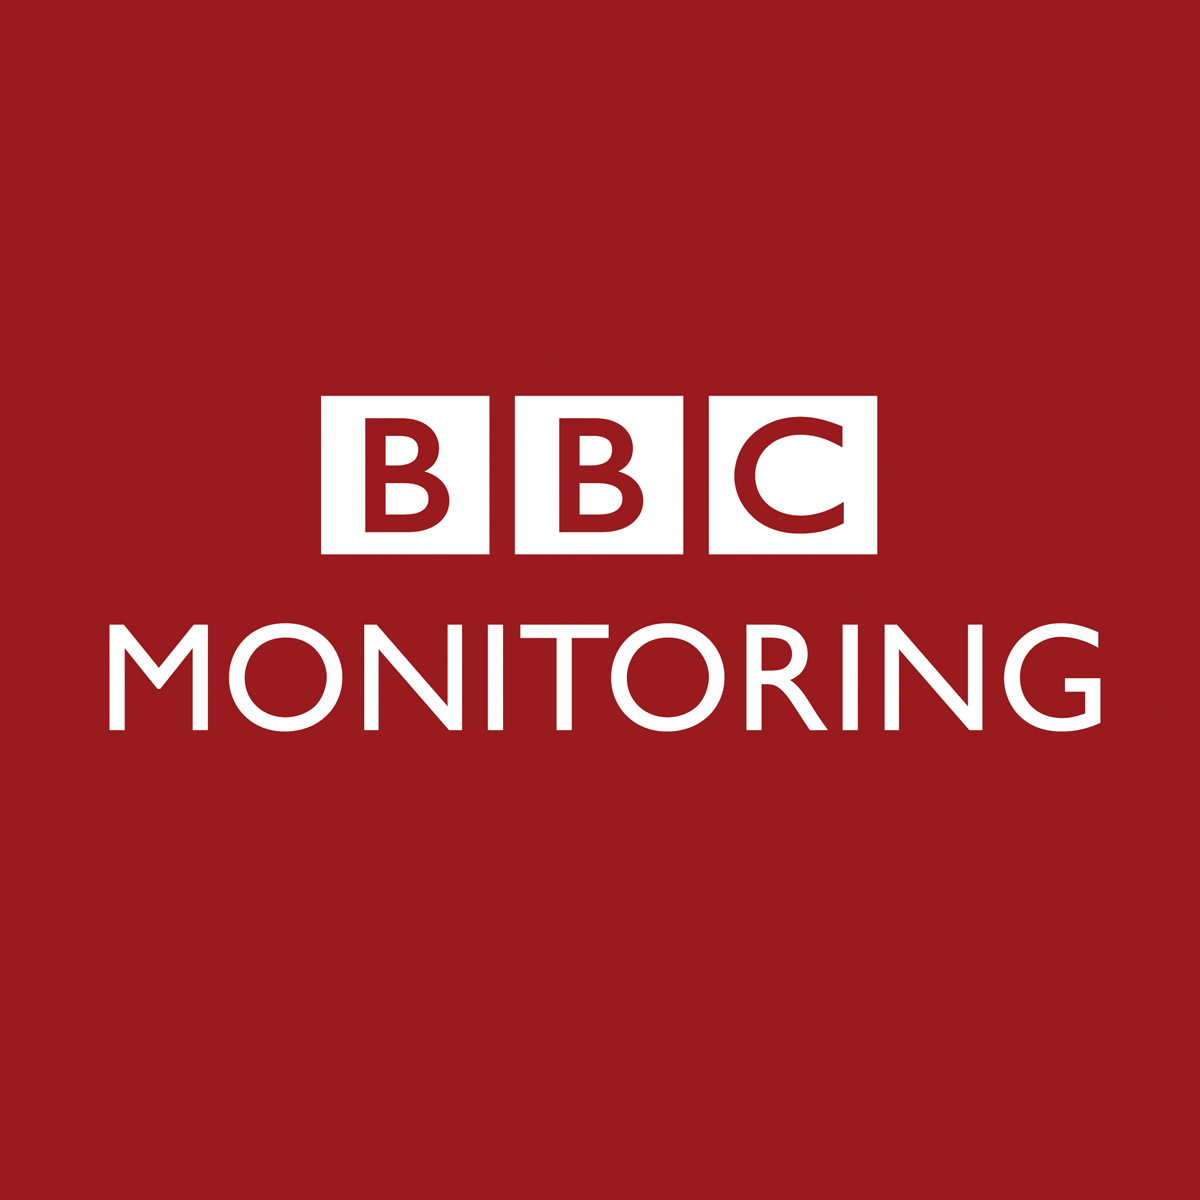 Британская Би-би-си службы мониторинга за пределами страны